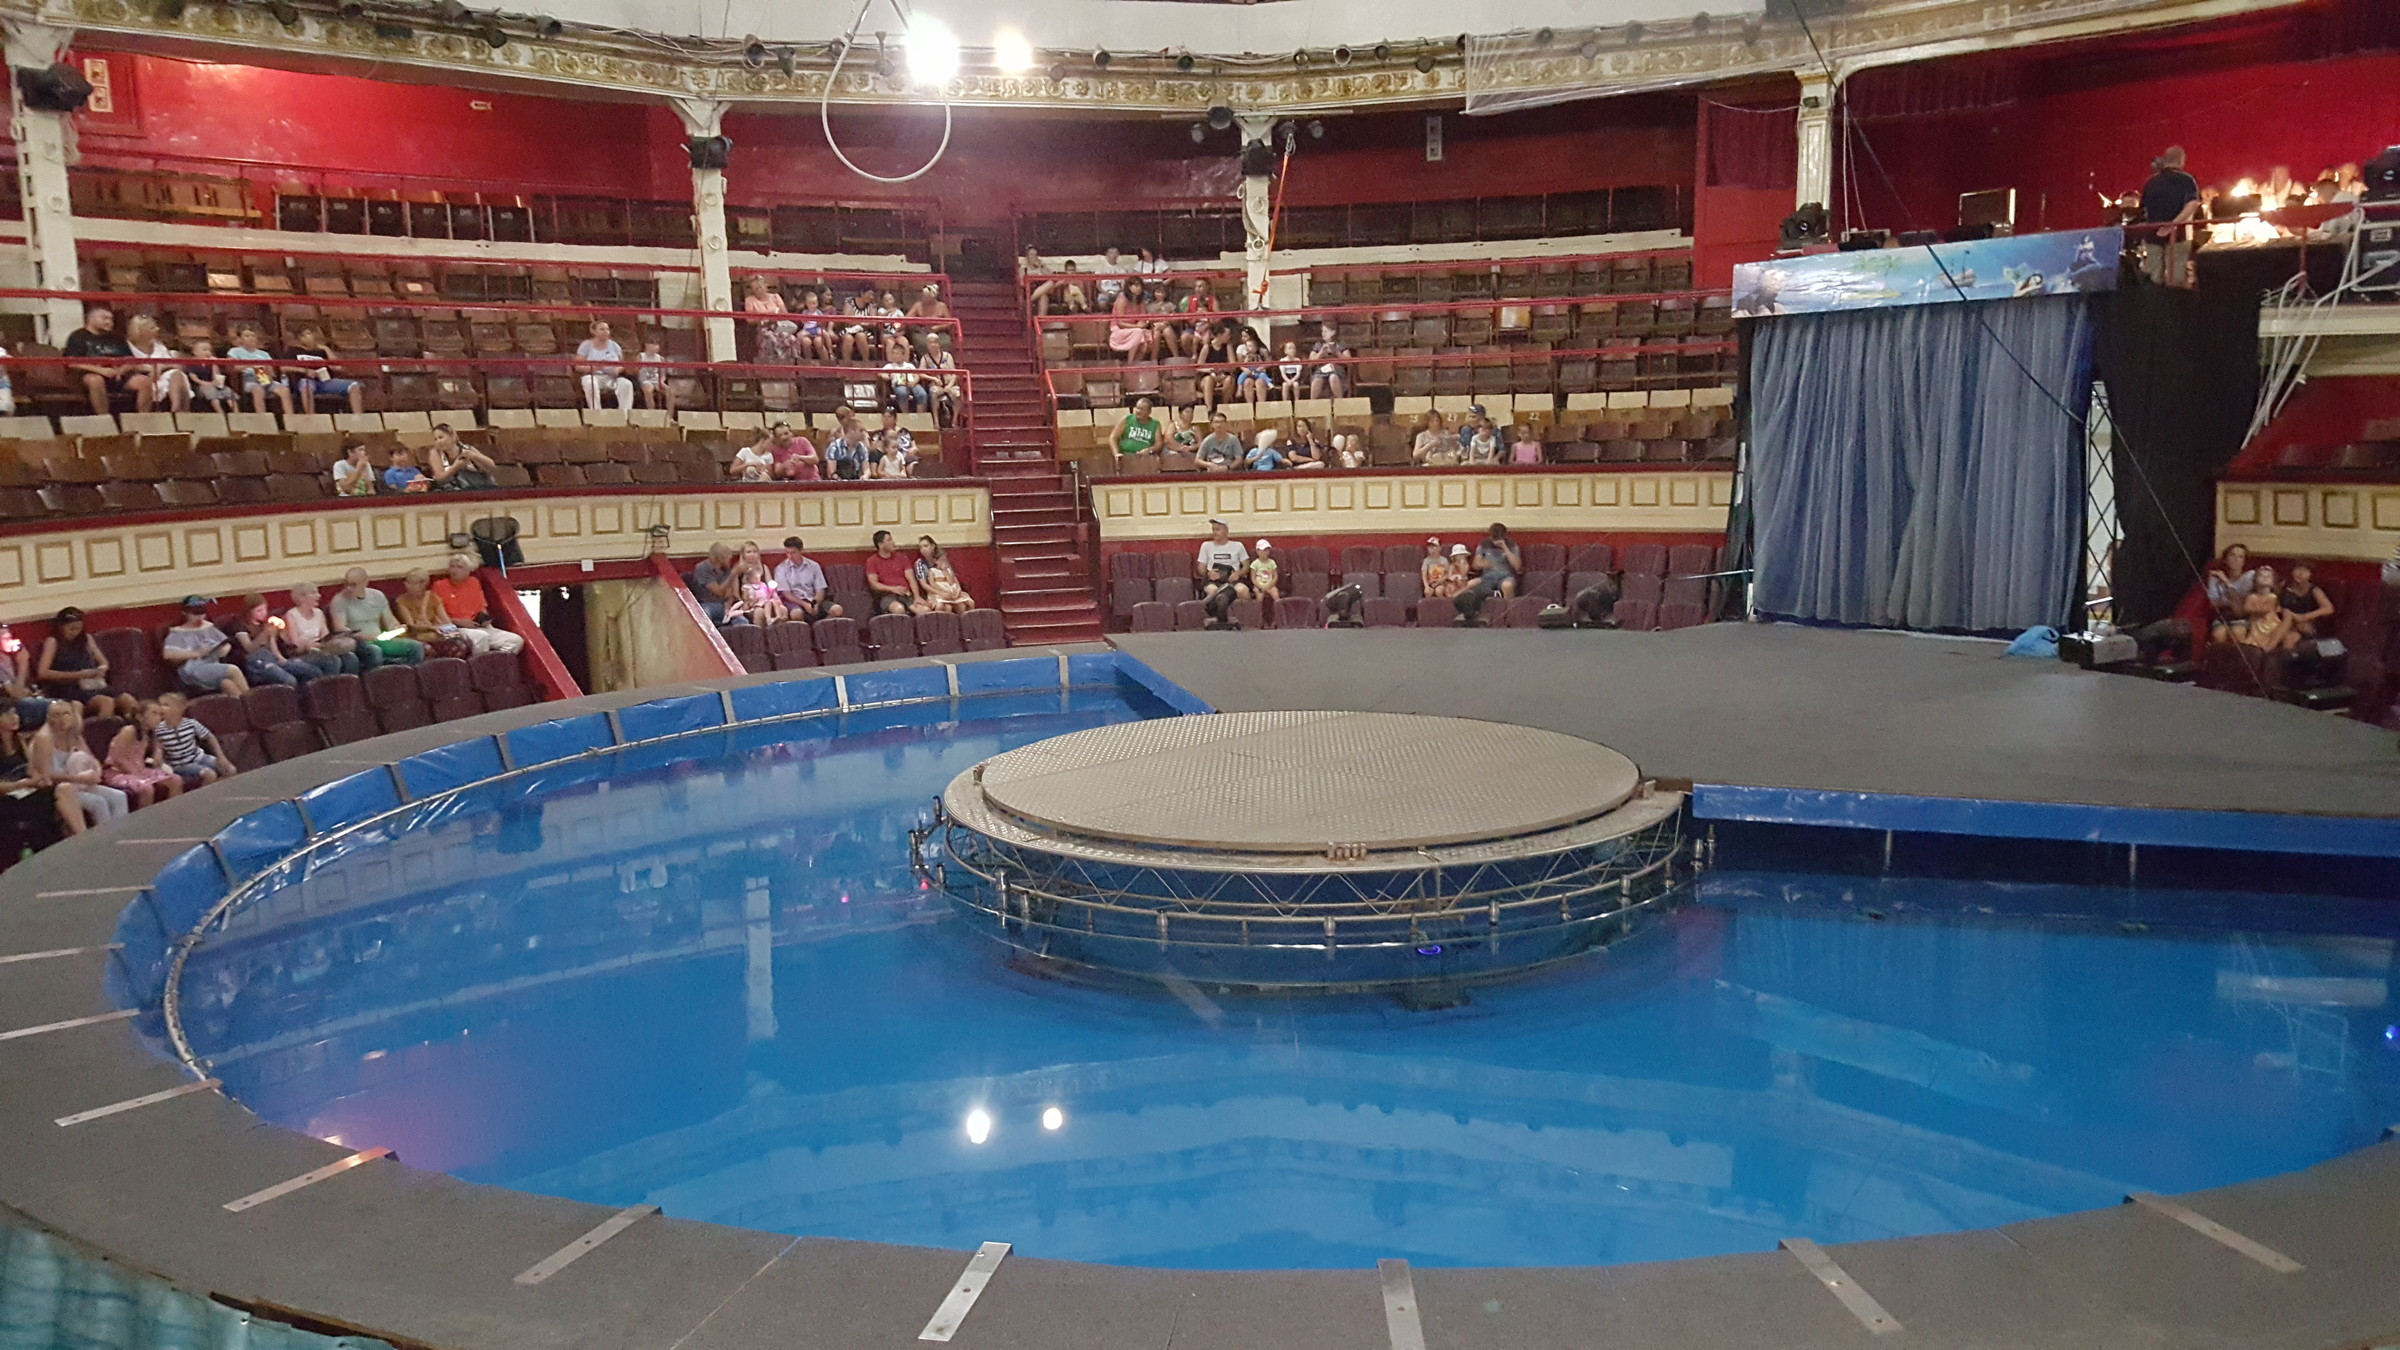 Государственный цирк Одессы — история, афиша 2021, стоимость билетов, фото, телефон, отзывы, отели рядом на Туристер.ру